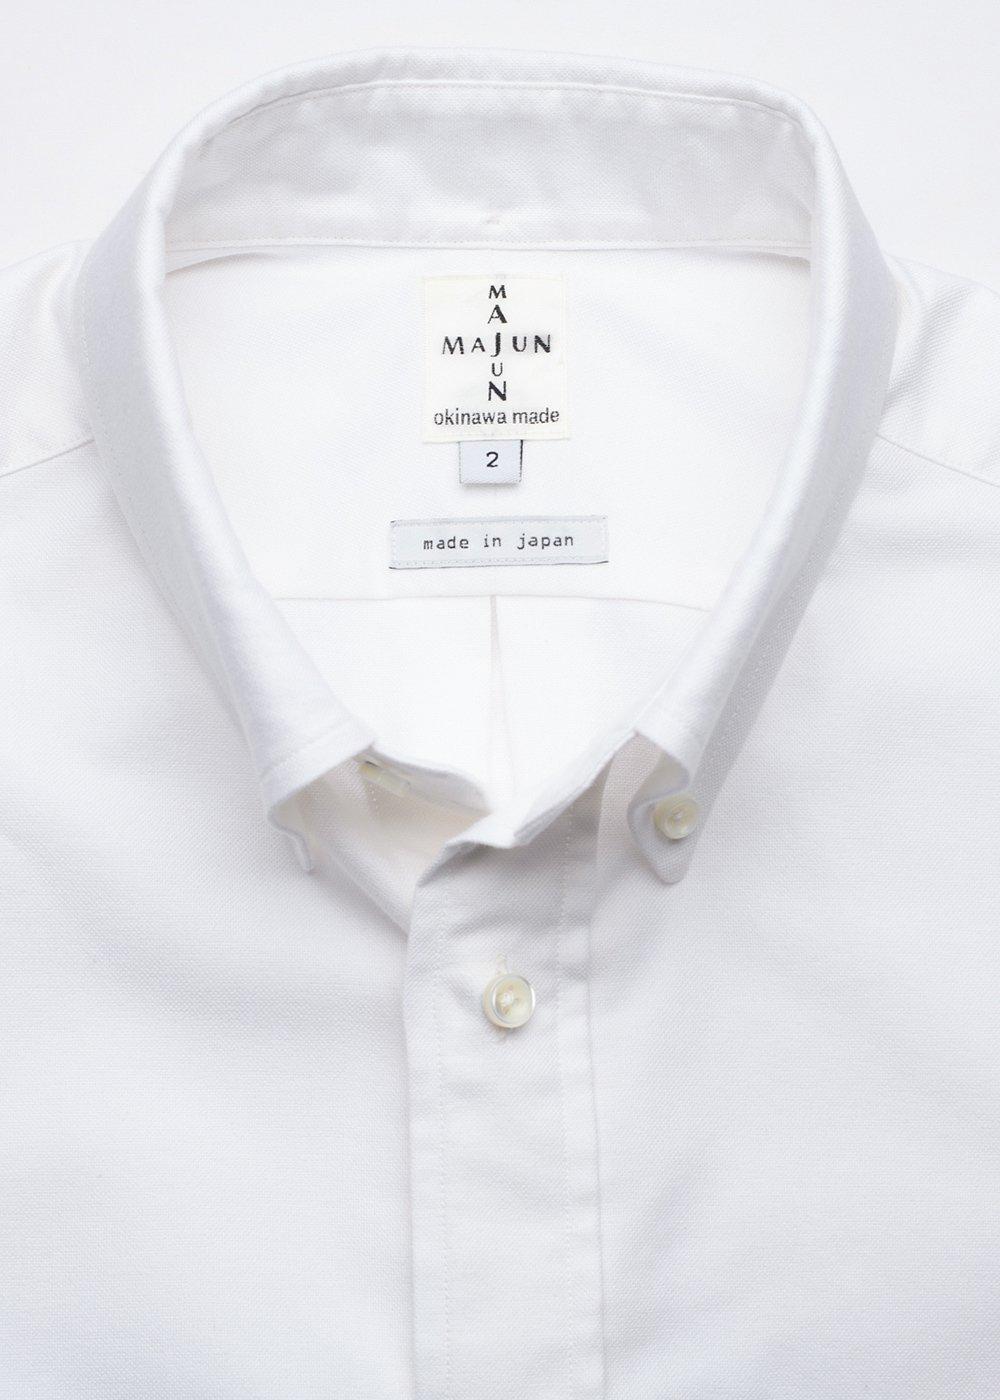 かりゆしウェア(沖縄版アロハシャツ) MAJUN - リゾートエンブロイダリー